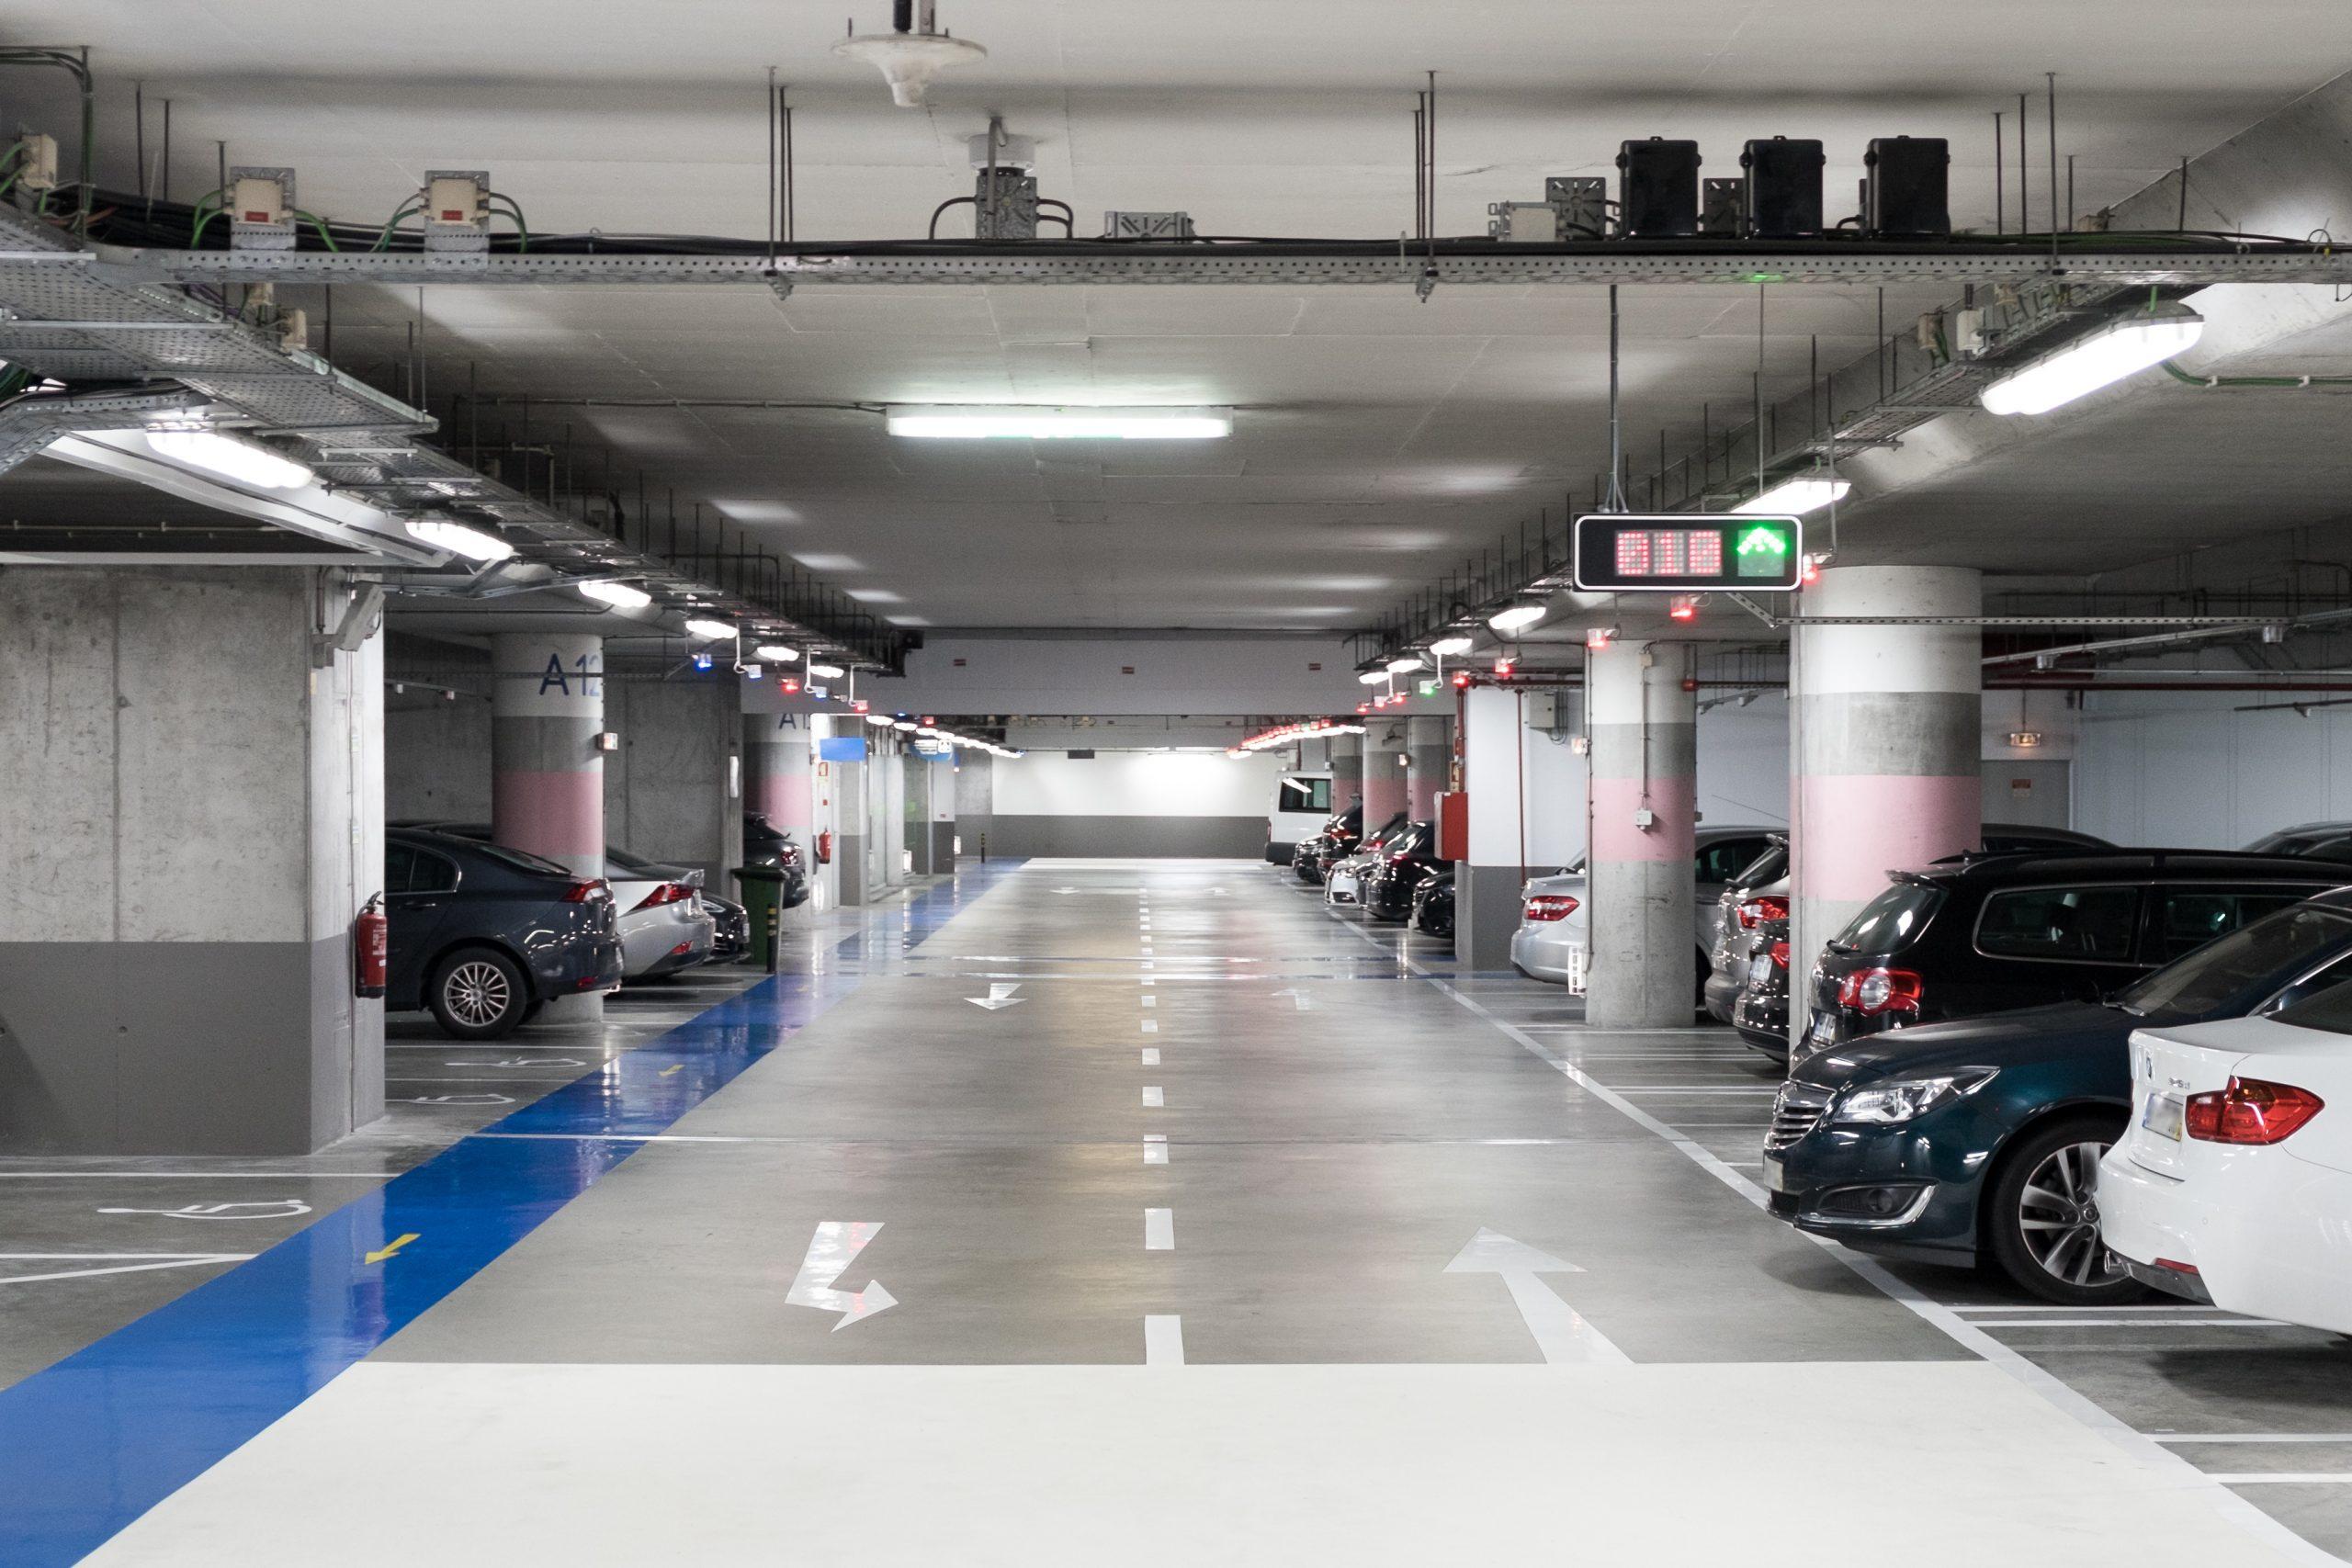 estacionamento subeterraneio comercial parcialmente cheio e com vaga para pessoa com deficiencia pcd foto shutterstock